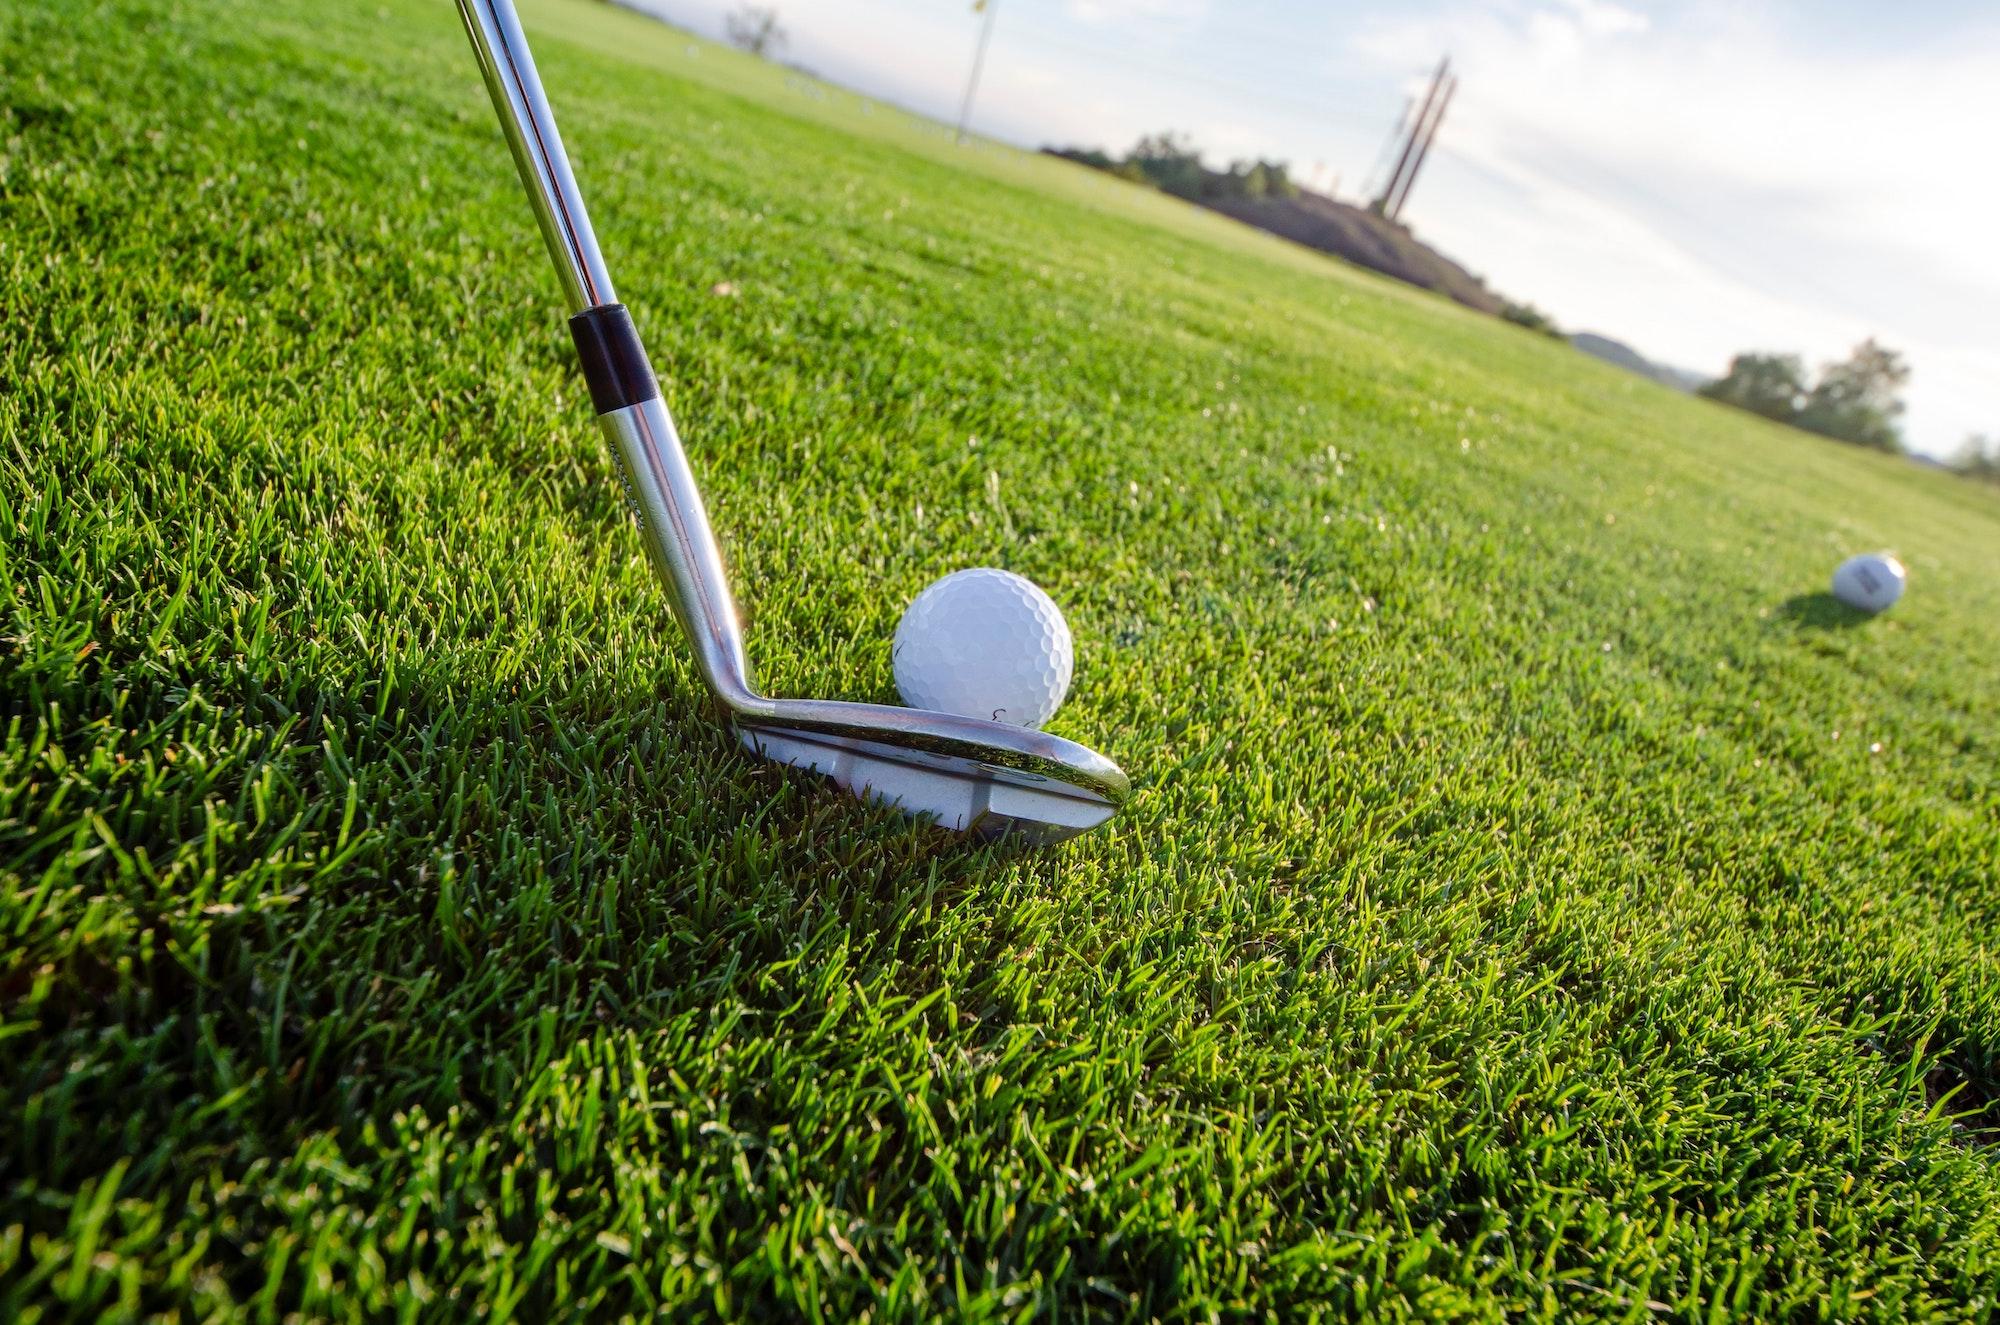 Sådan rammer du golfbolden med et jern